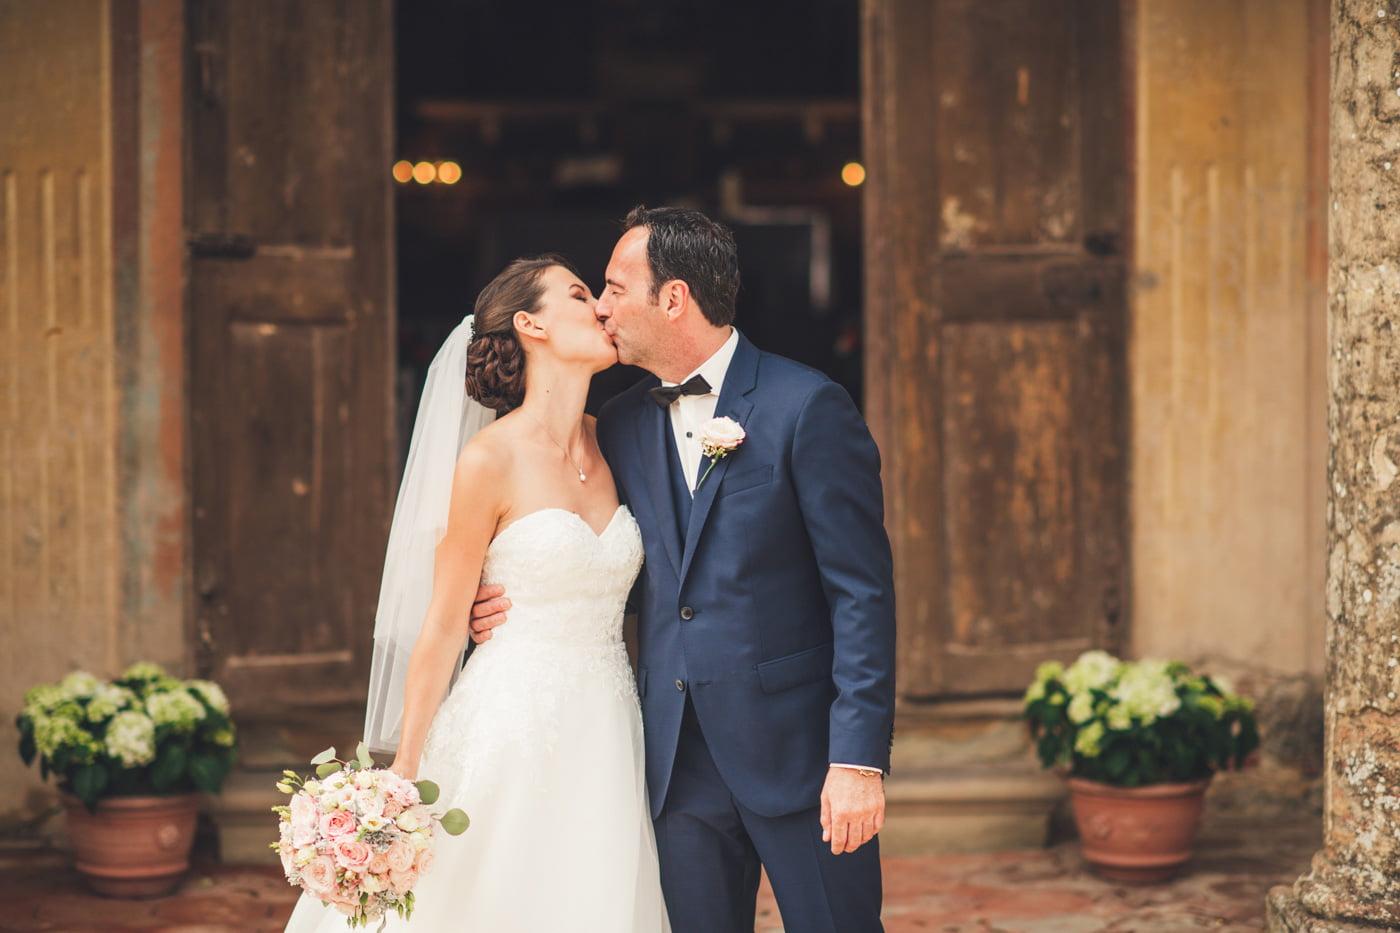 018-wedding-tuscany-rignana